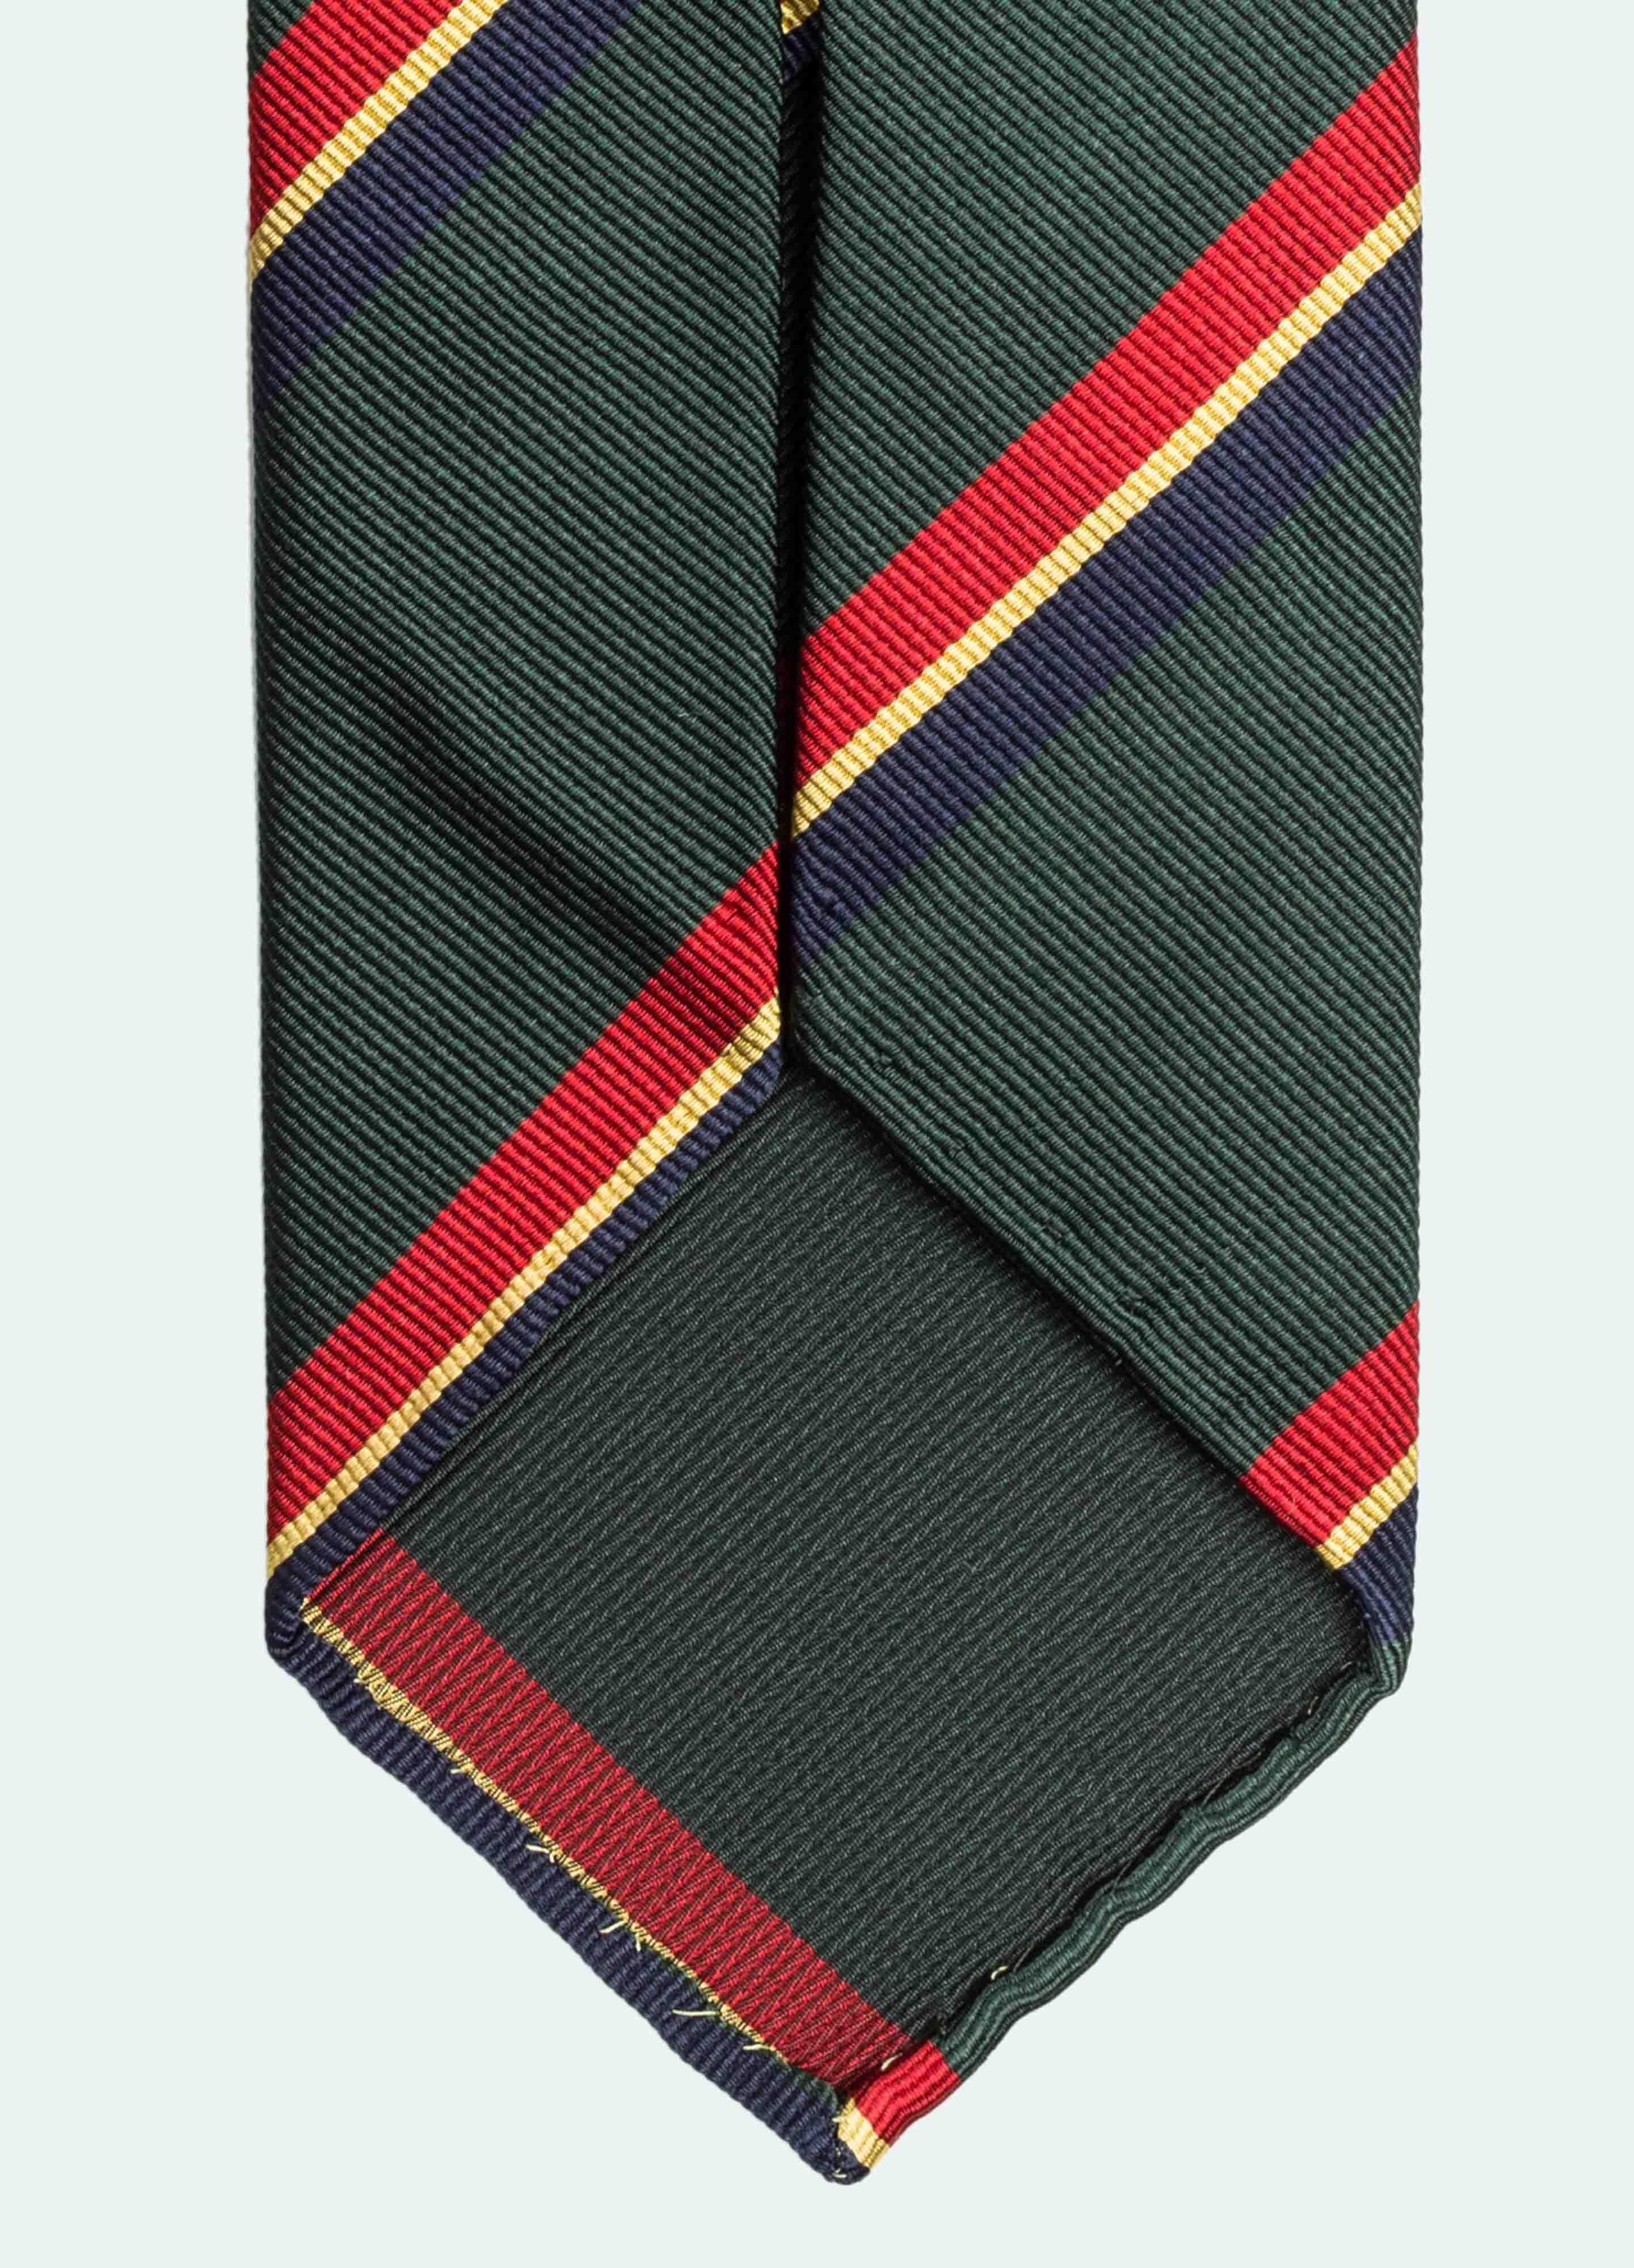 Snygga slipsar - grön röd blå gul randig slips från Berg&Berg